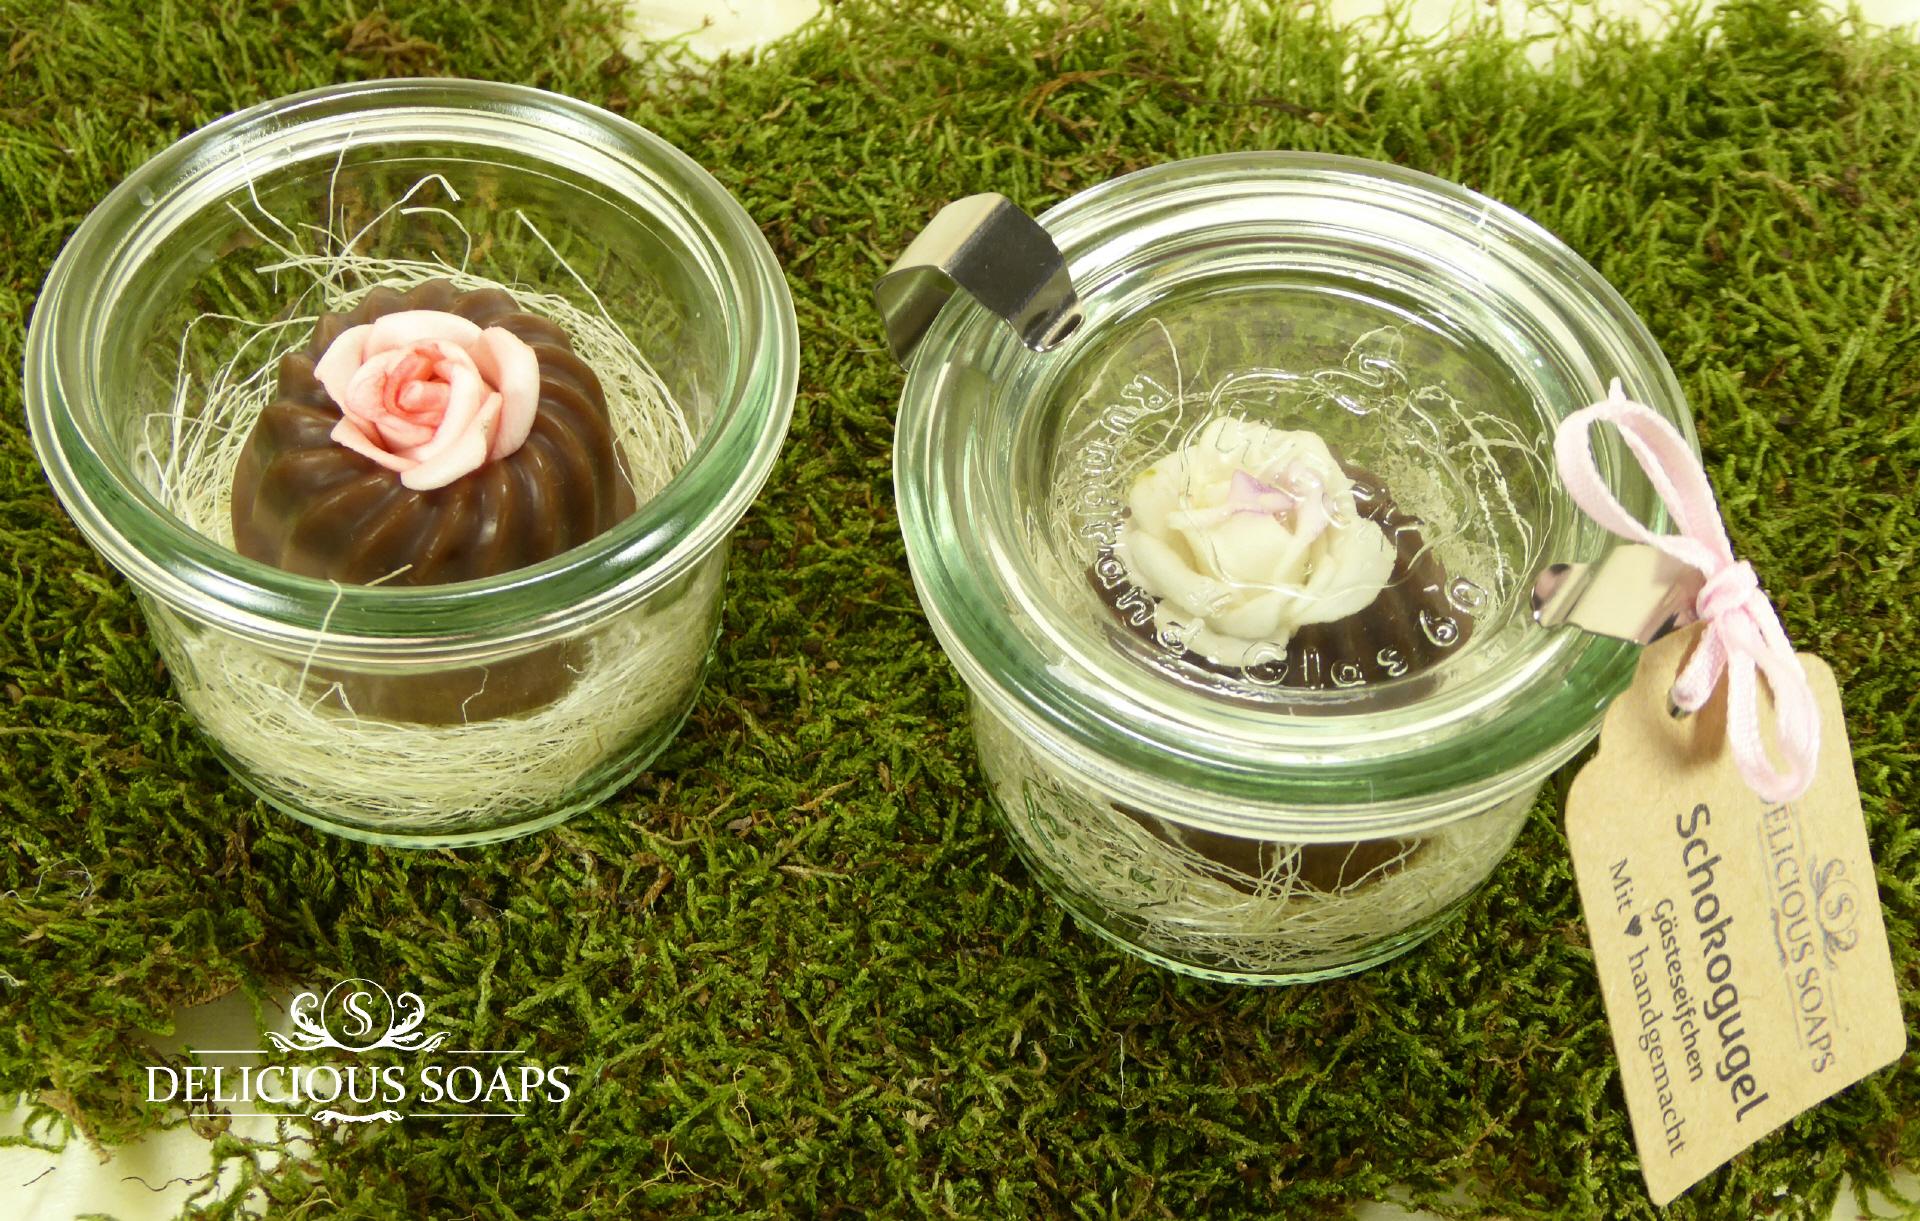 Gugelhupf Gästeseife im Weck-Glas - Delicious Soaps Weihnachtsseifen